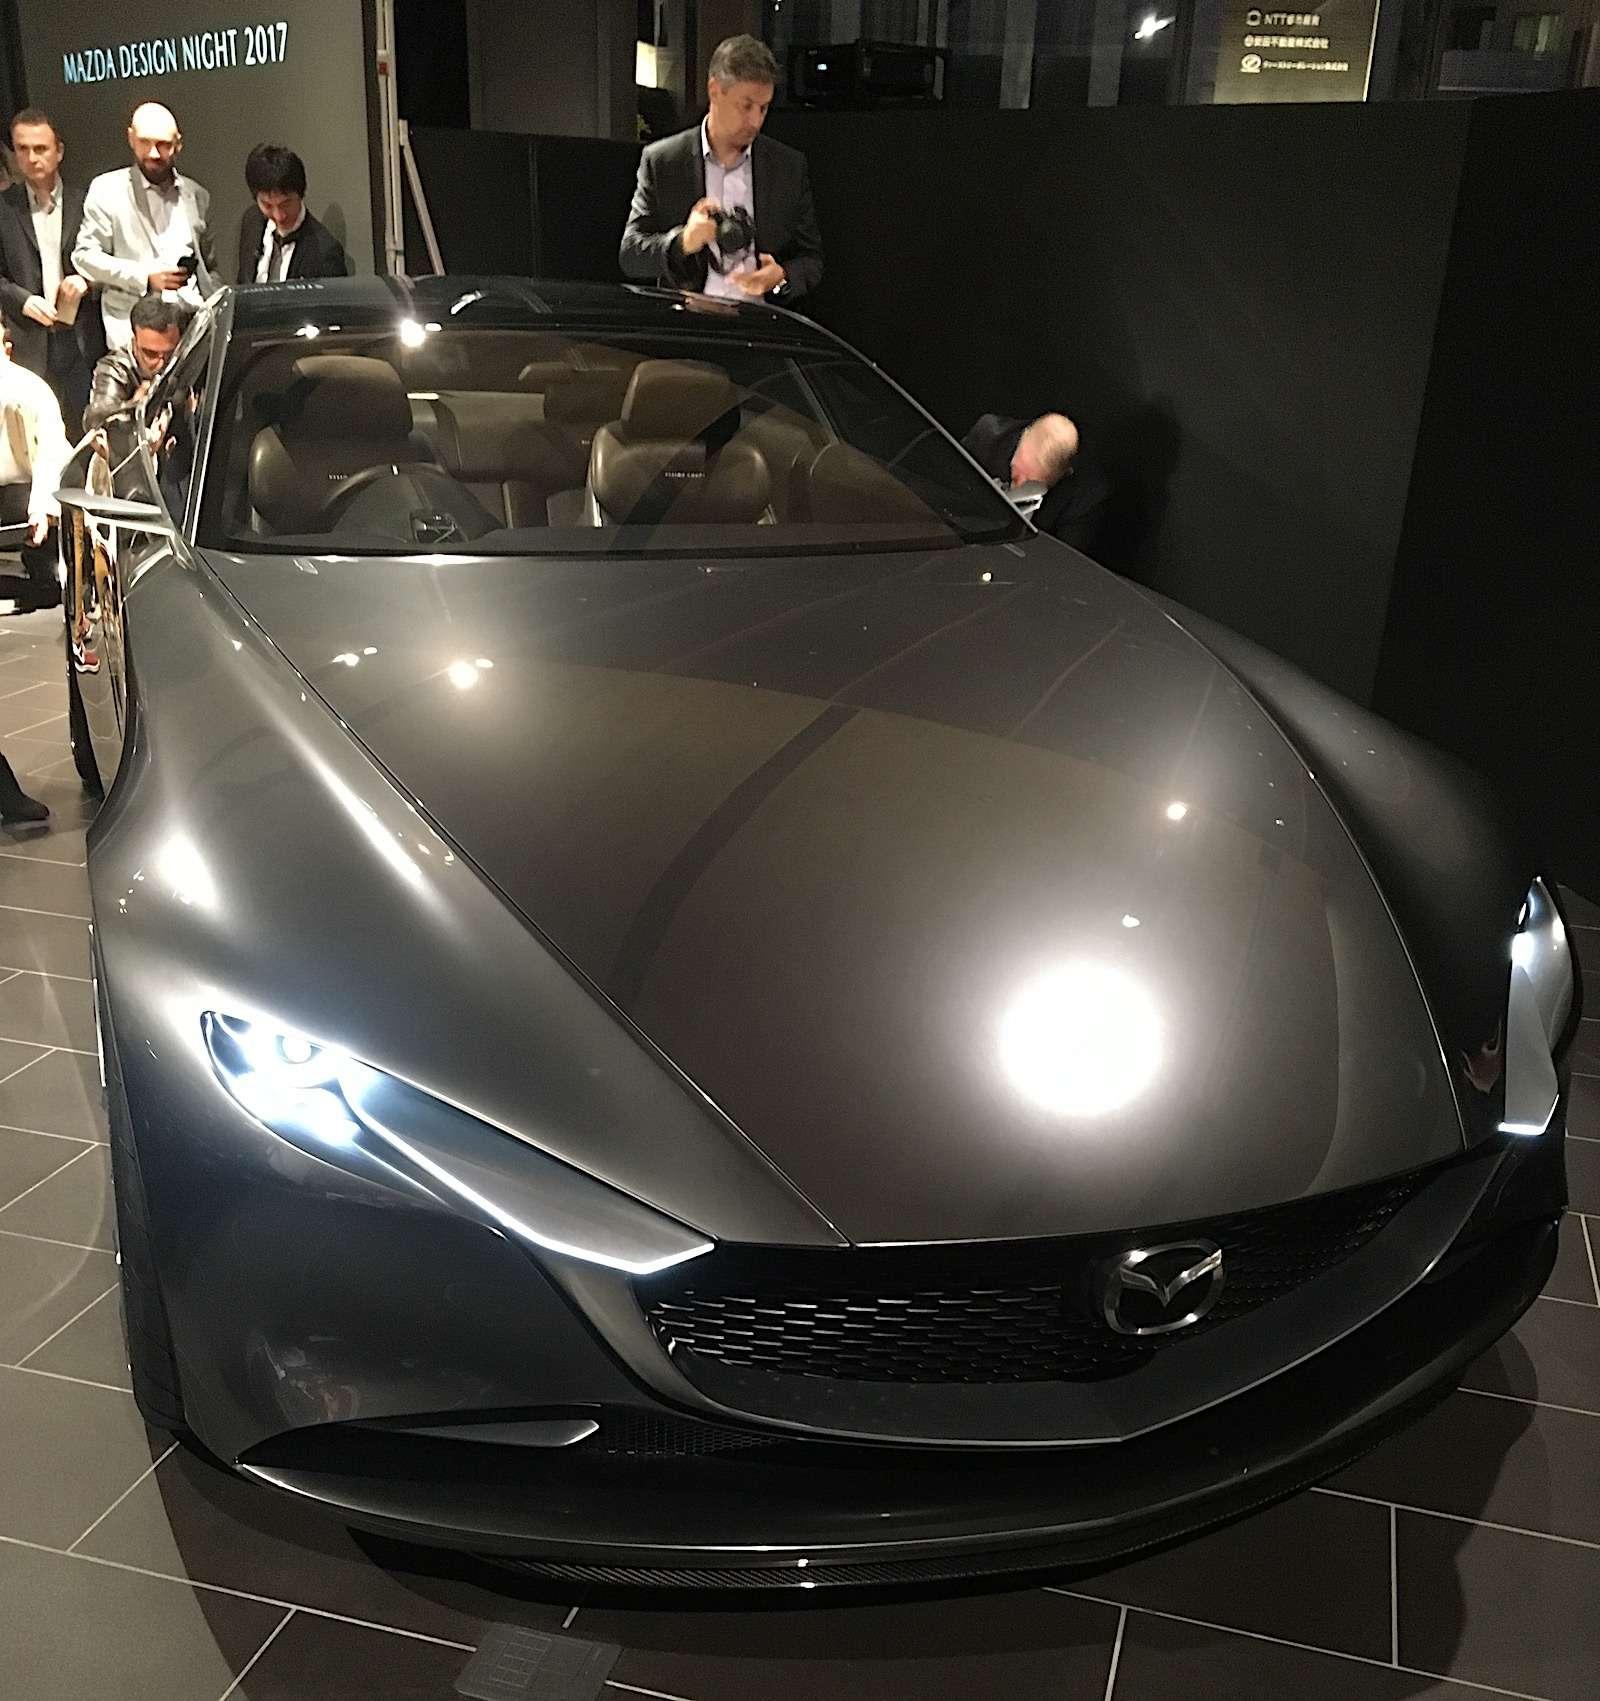 Больше света: Mazda представила обновленную дизайн-концепцию— фото 808886